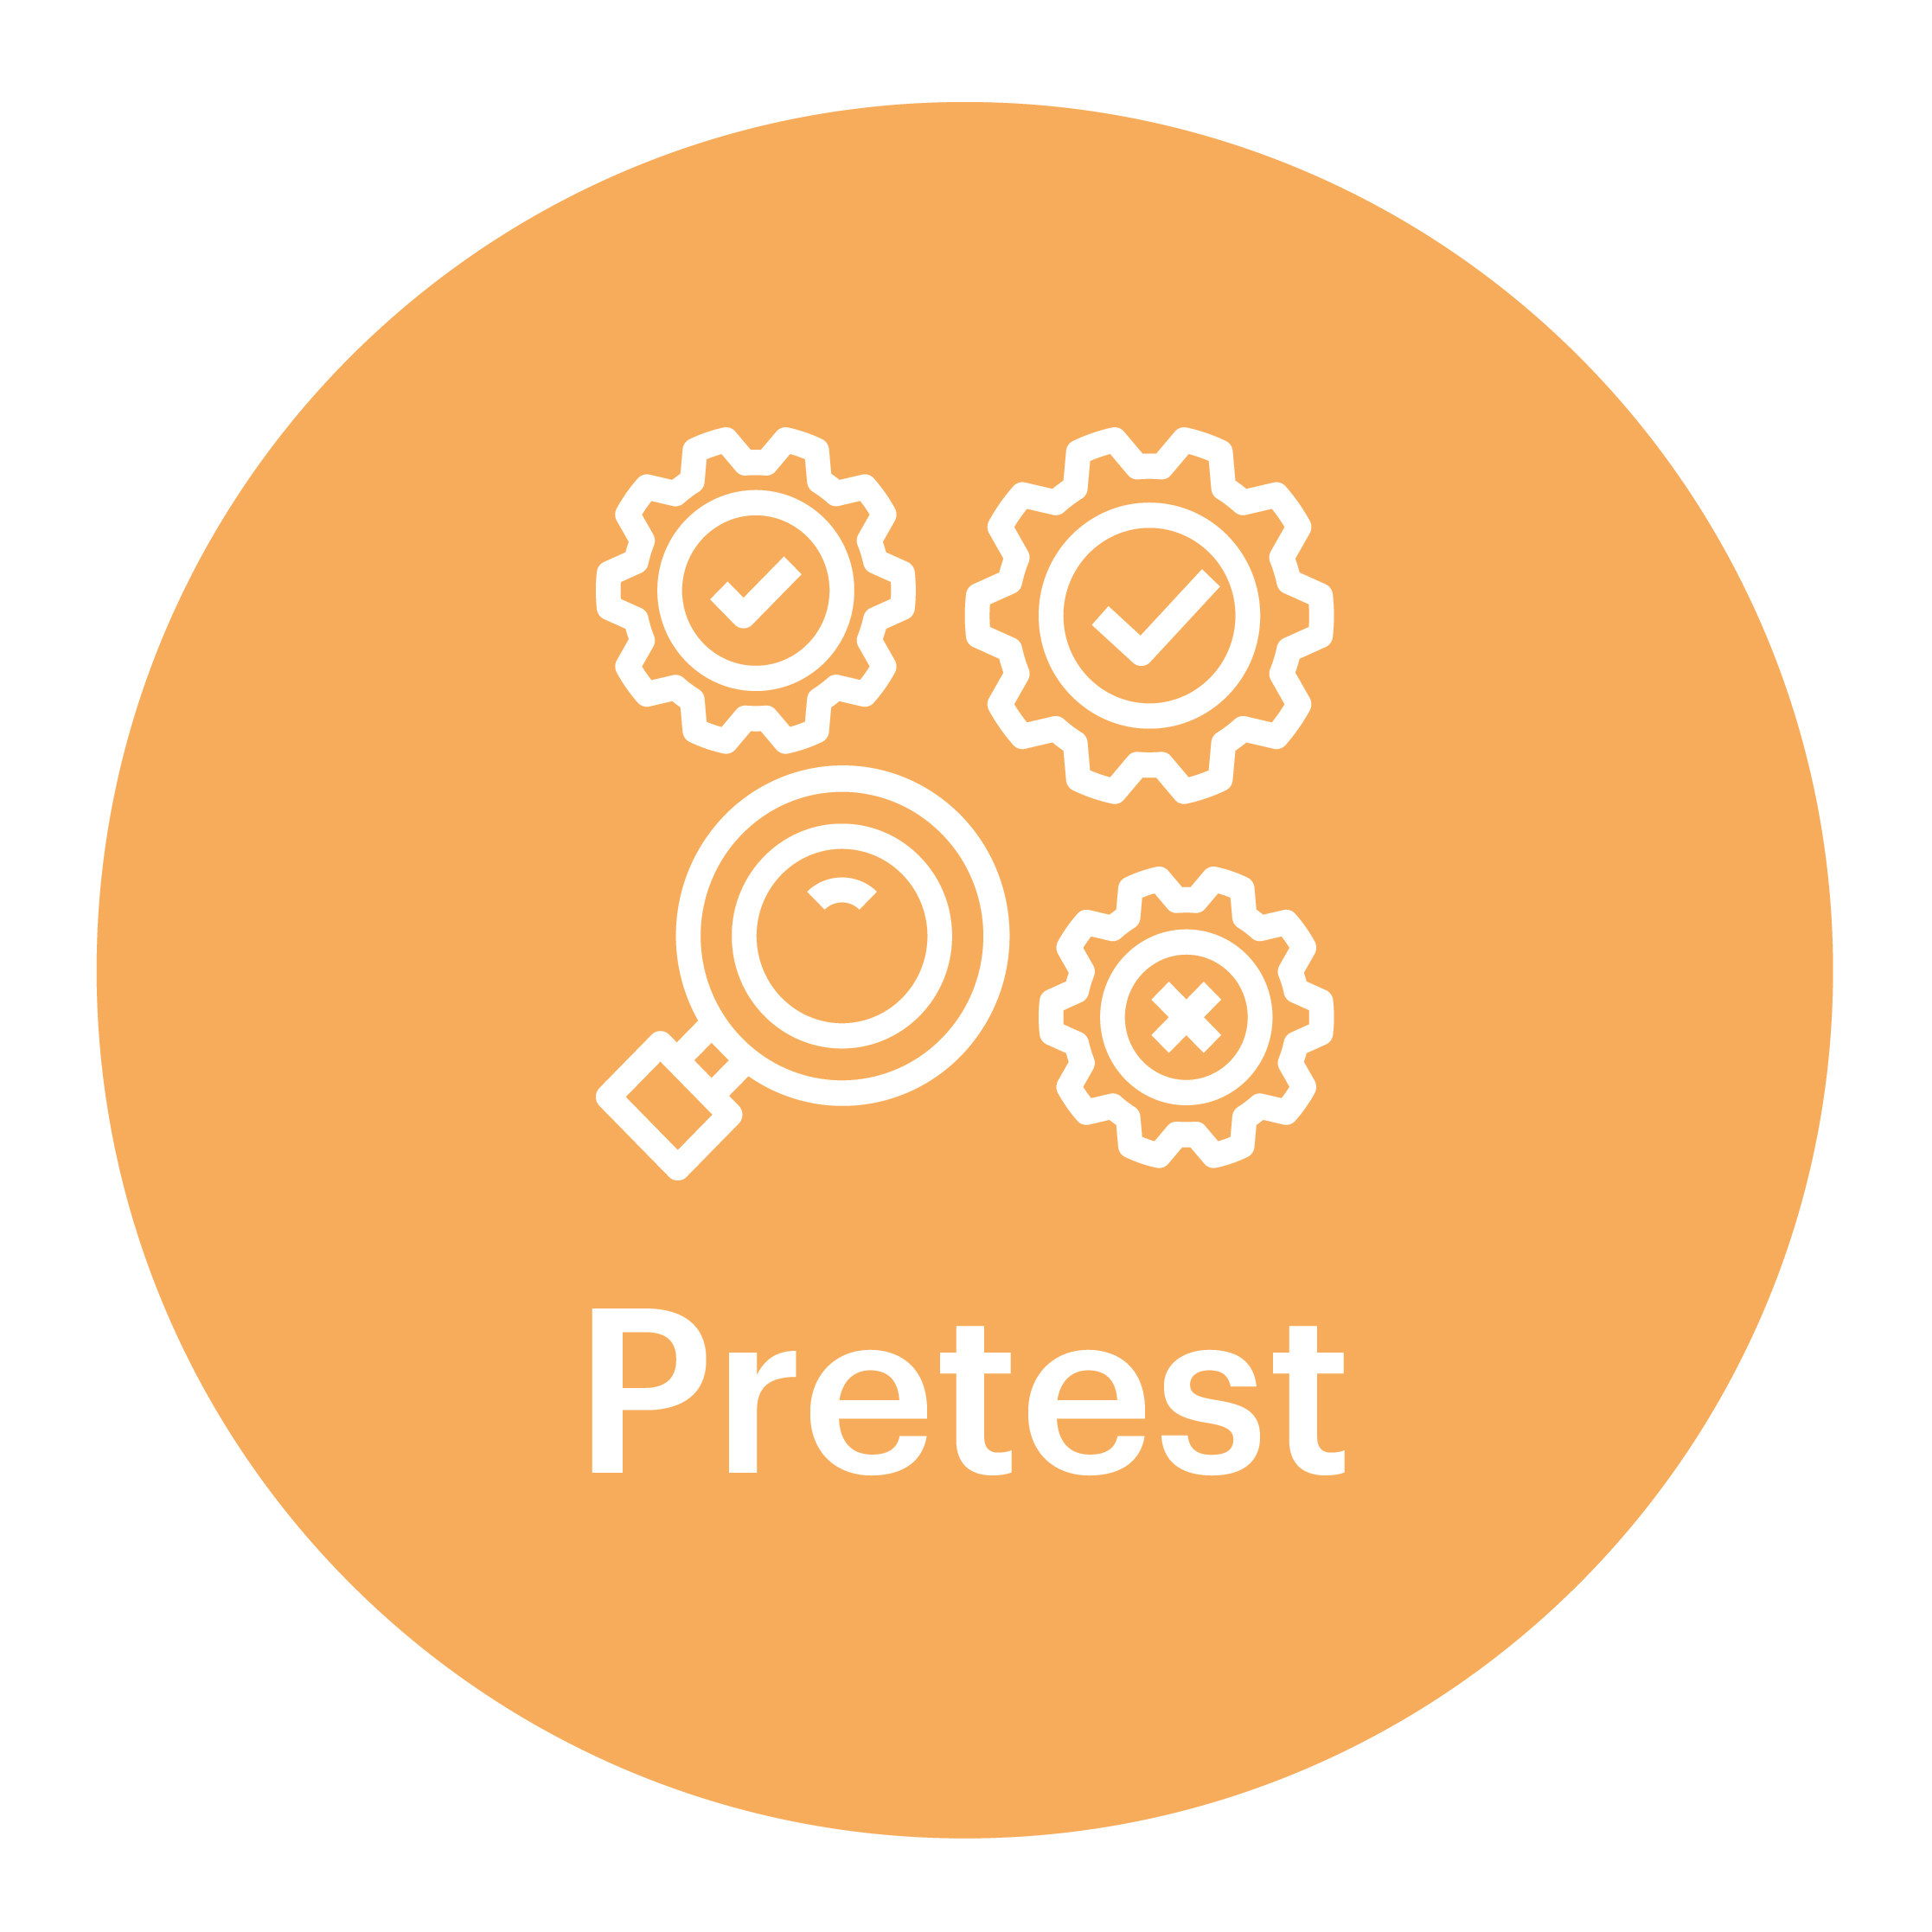 Pretest-01.png